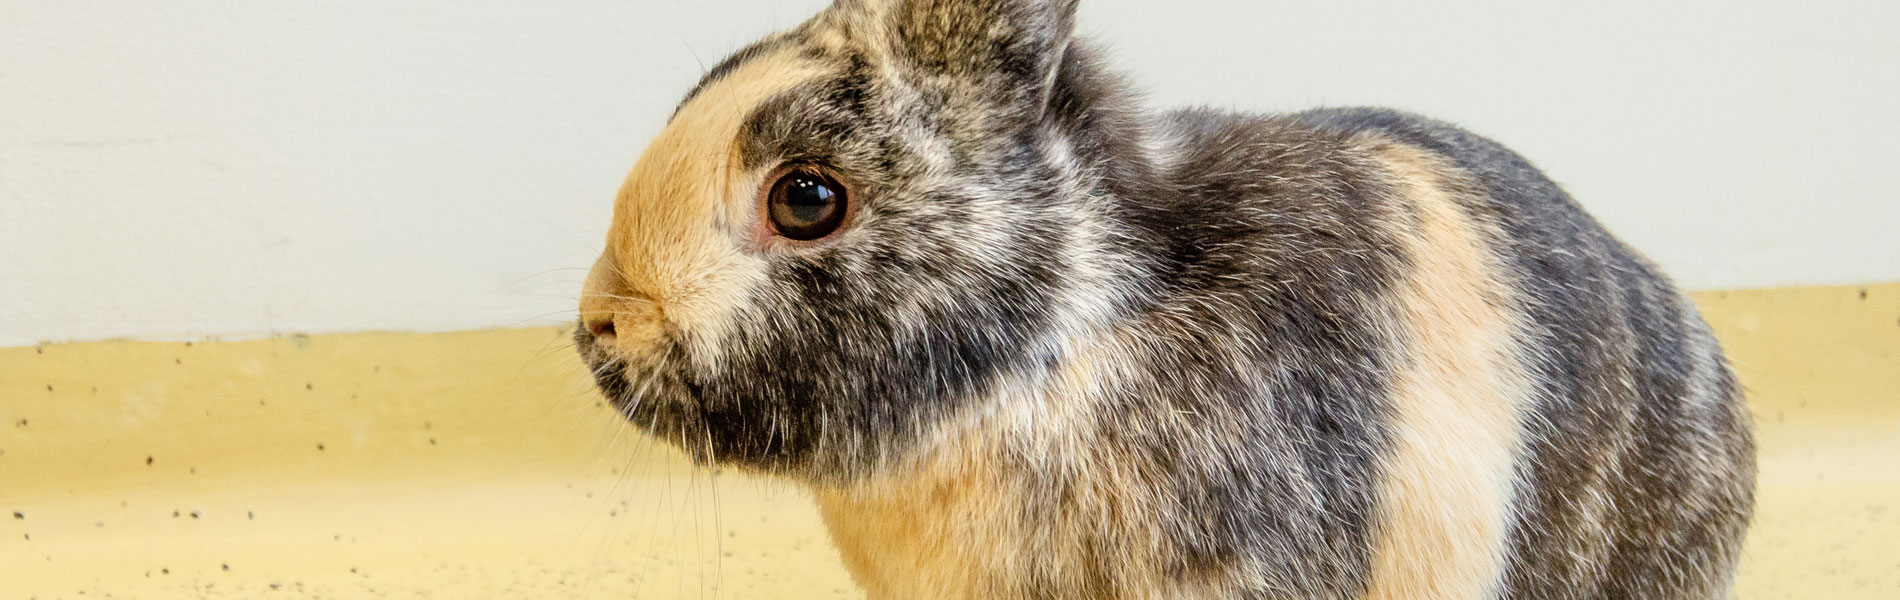 Tandheelkunde bij konijnen en knaagdieren